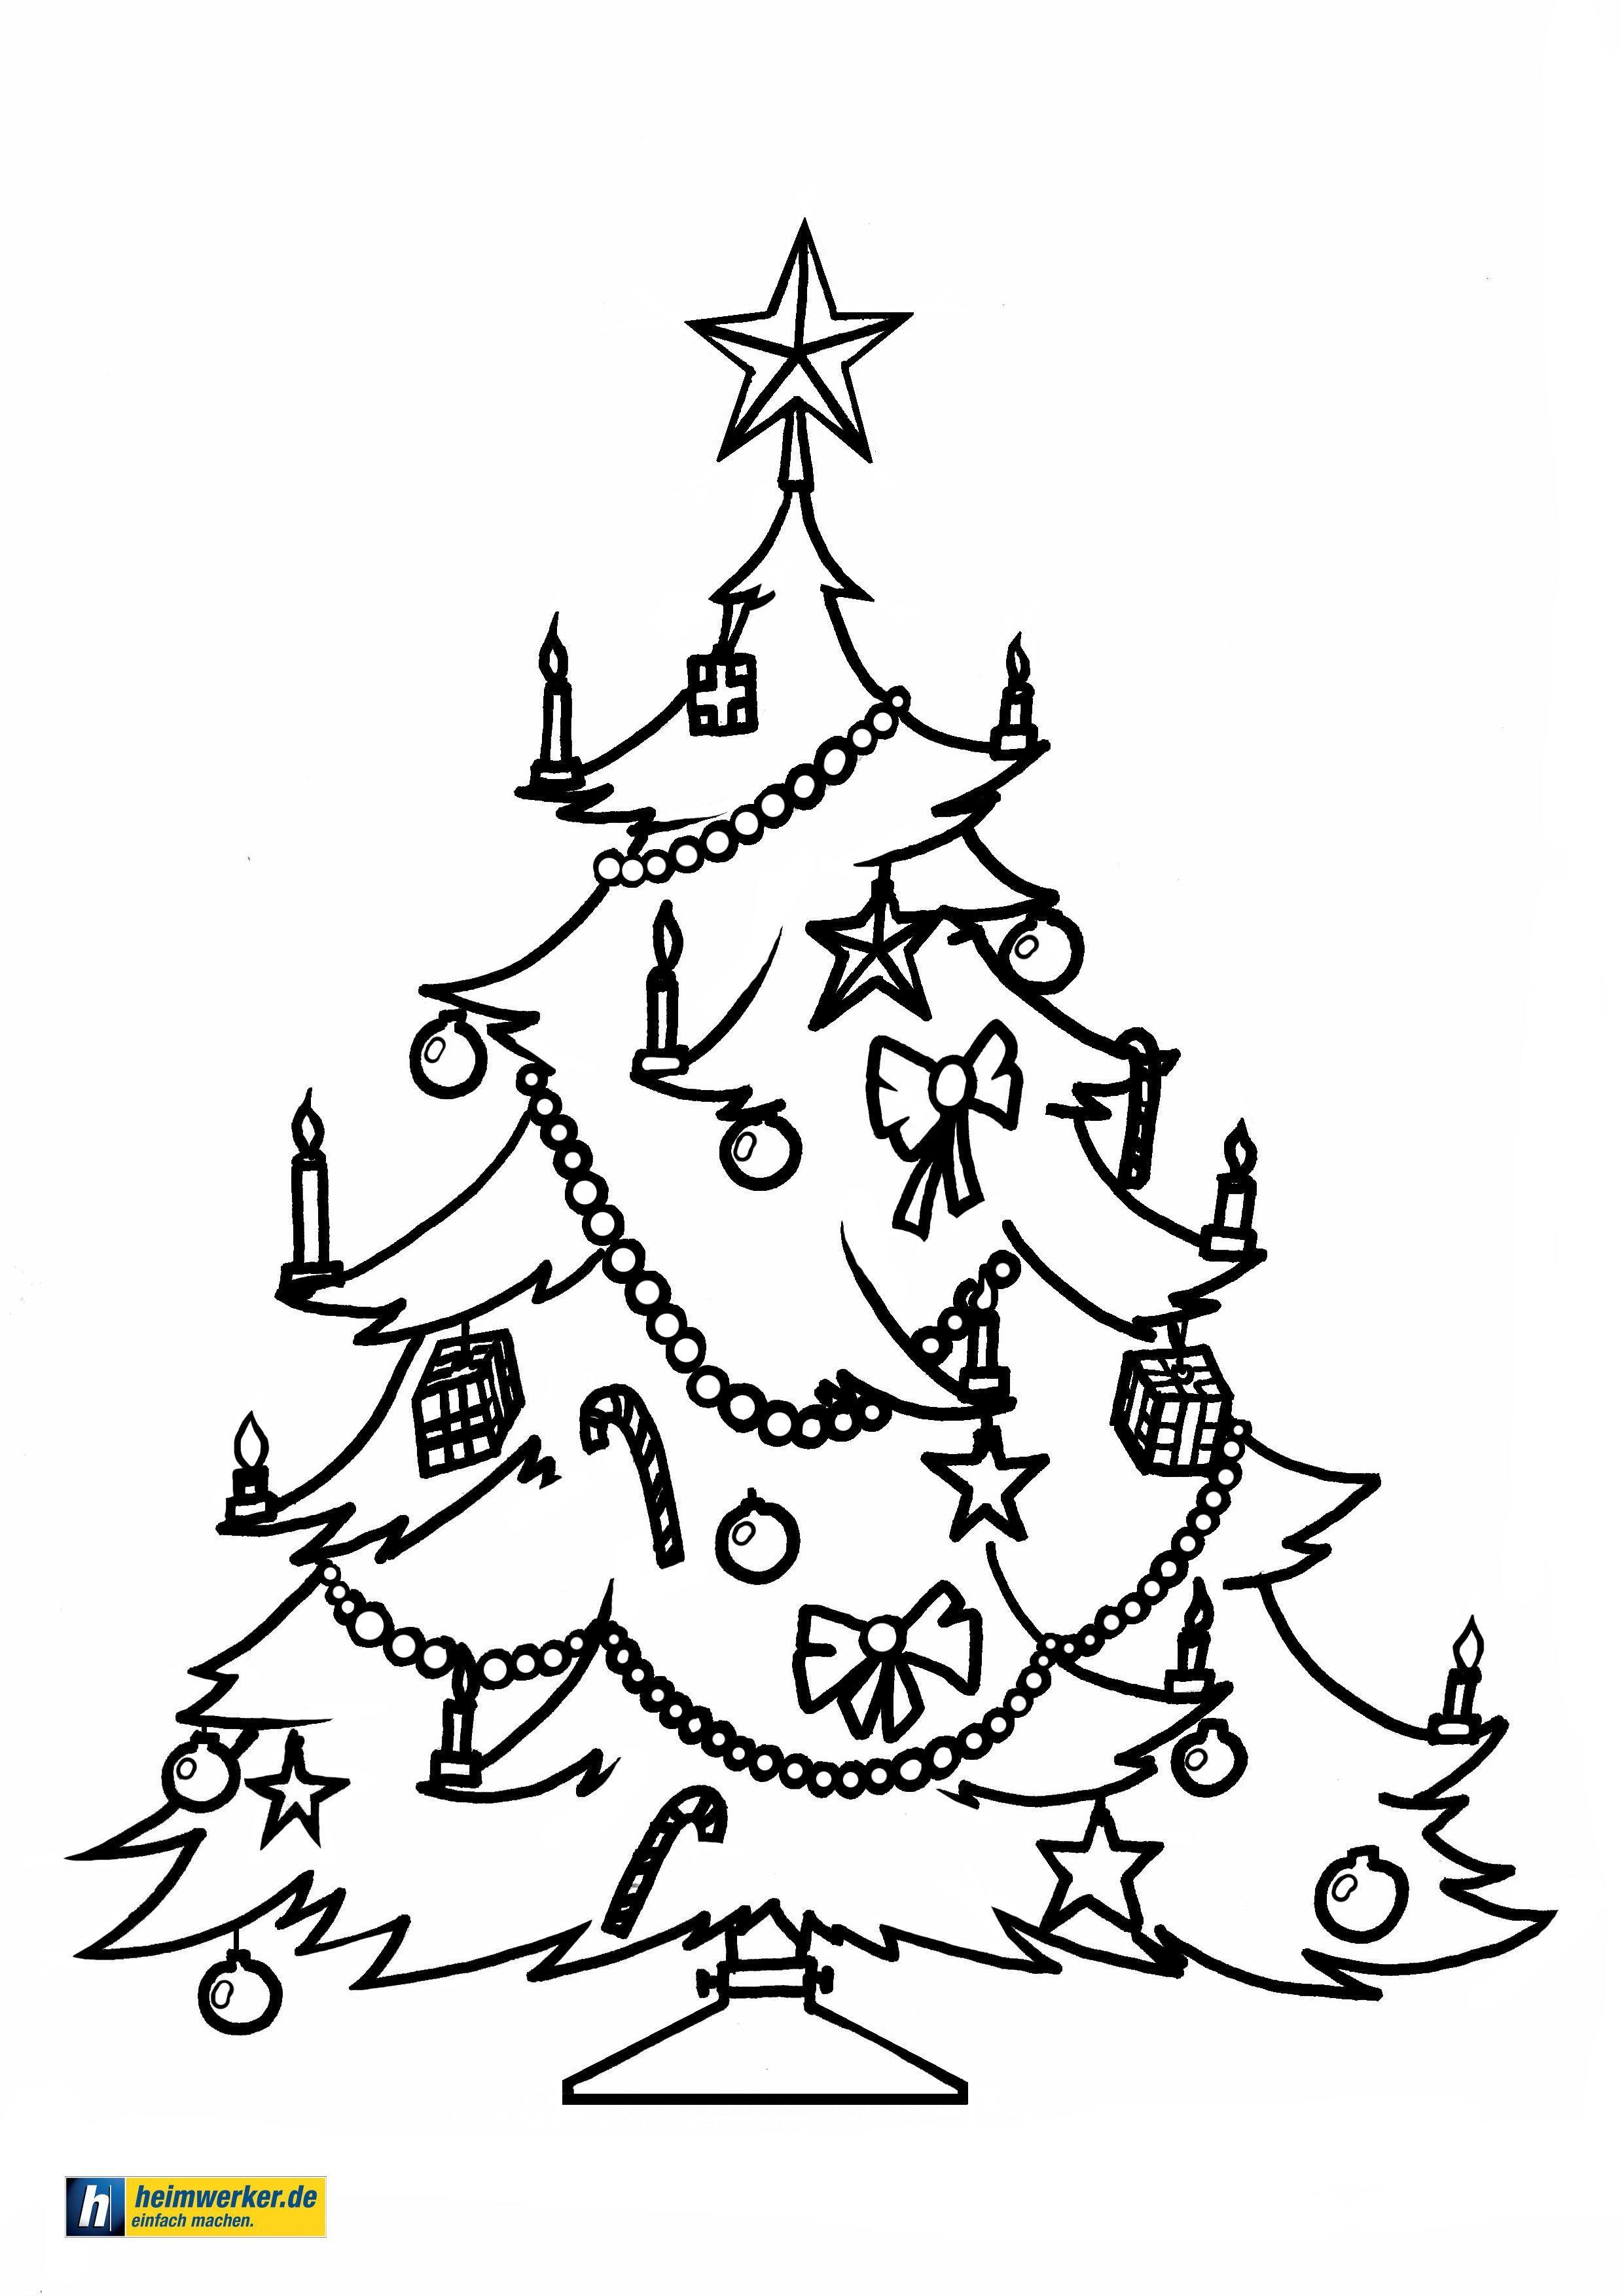 Ausmalbilder Advent Weihnachten Kostenlos Neu Weihnachtsmotive Stock